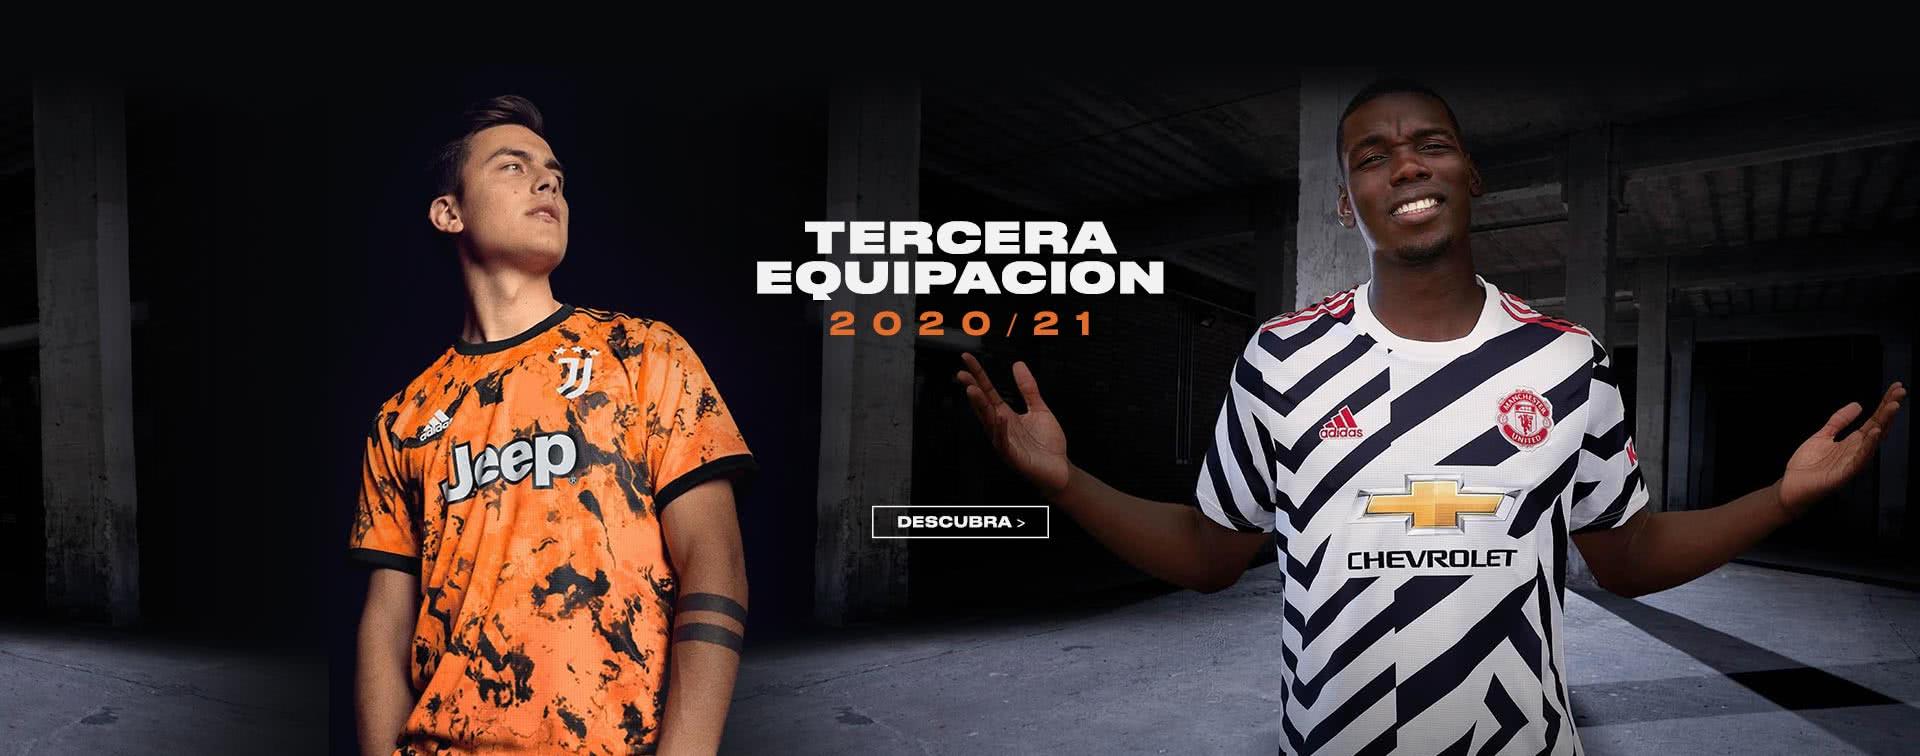 Camisetas de futbol 2020/21